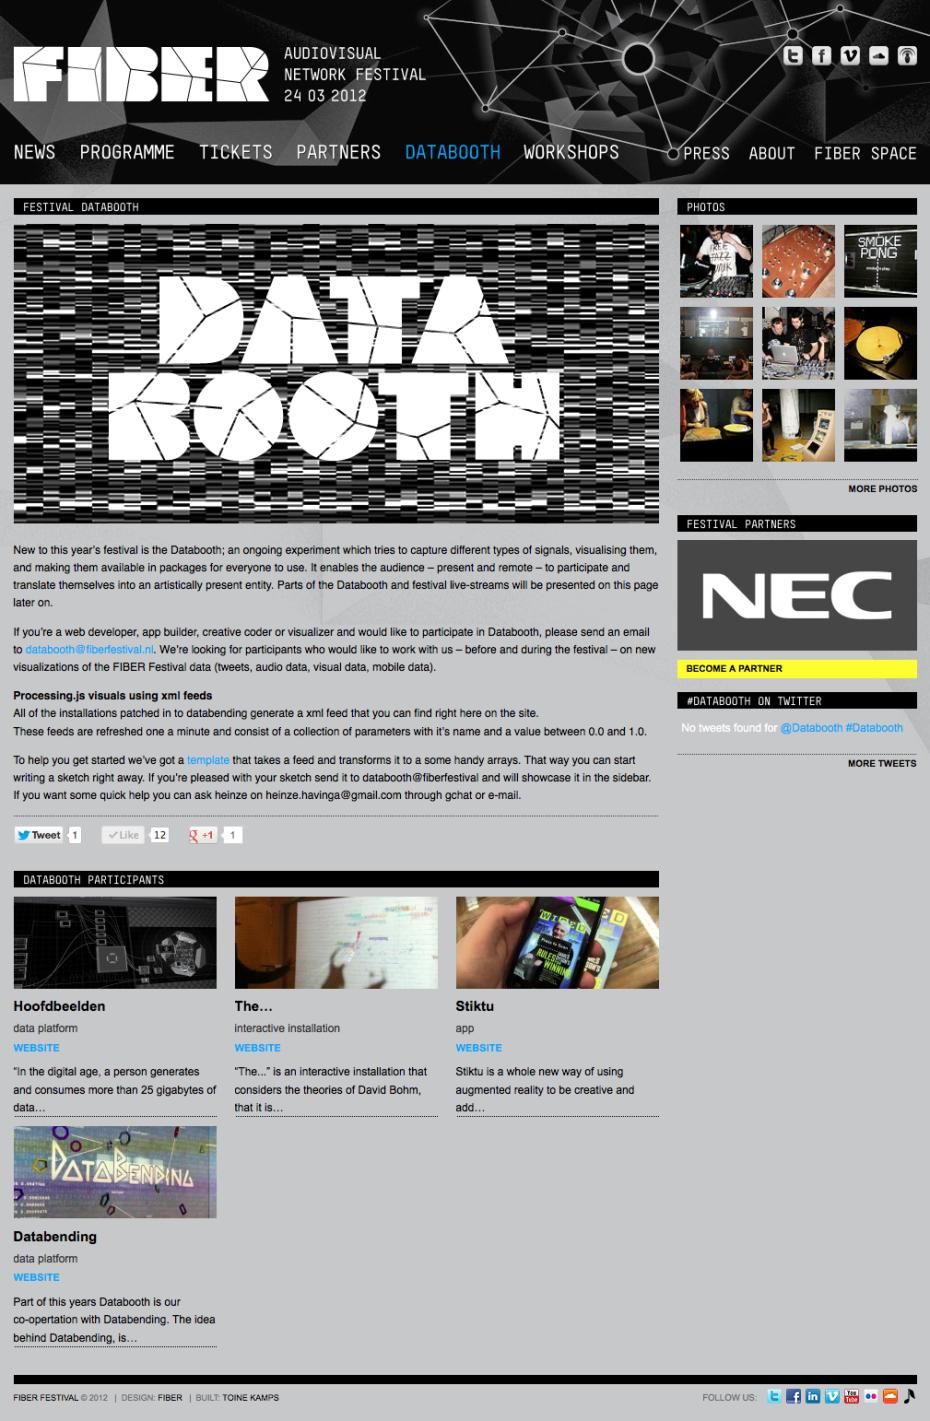 FIBER Festival 2012 - Databooth